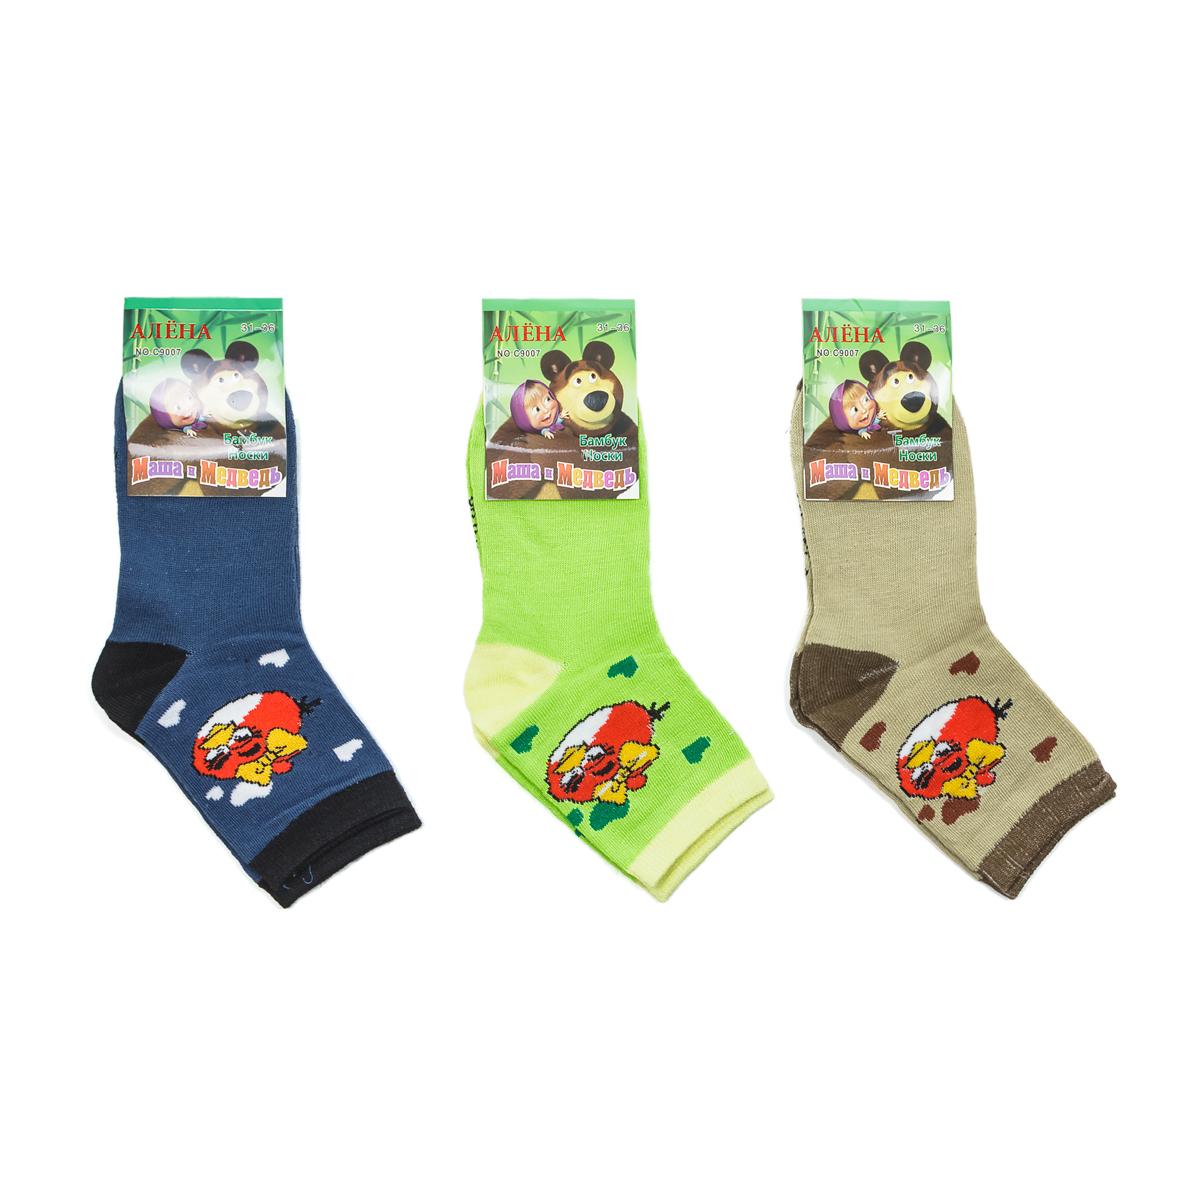 Дет. носки арт. 12-0020 Сиреневый р. 31-36Носки<br><br><br>Тип: Дет. носки<br>Размер: 31-36<br>Материал: Трикотаж